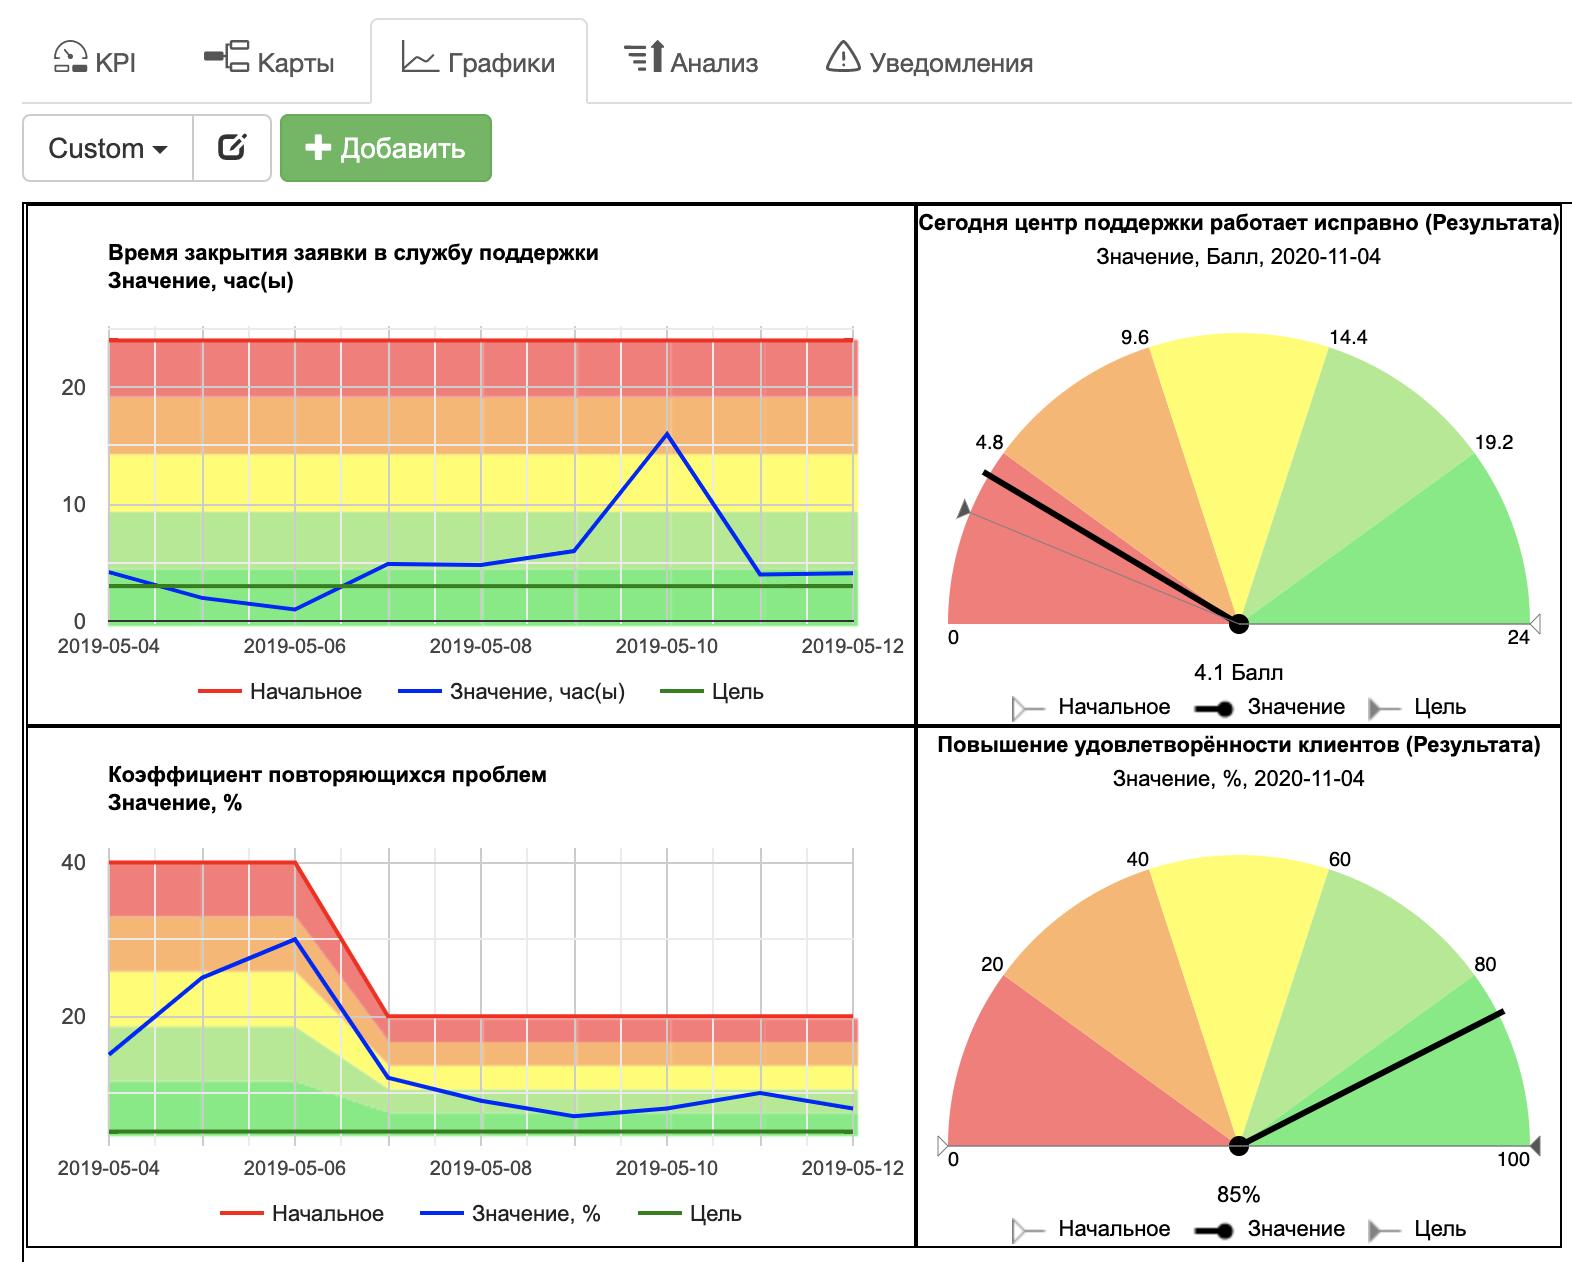 Информационно-аналитическая панель в BSC Designer Online